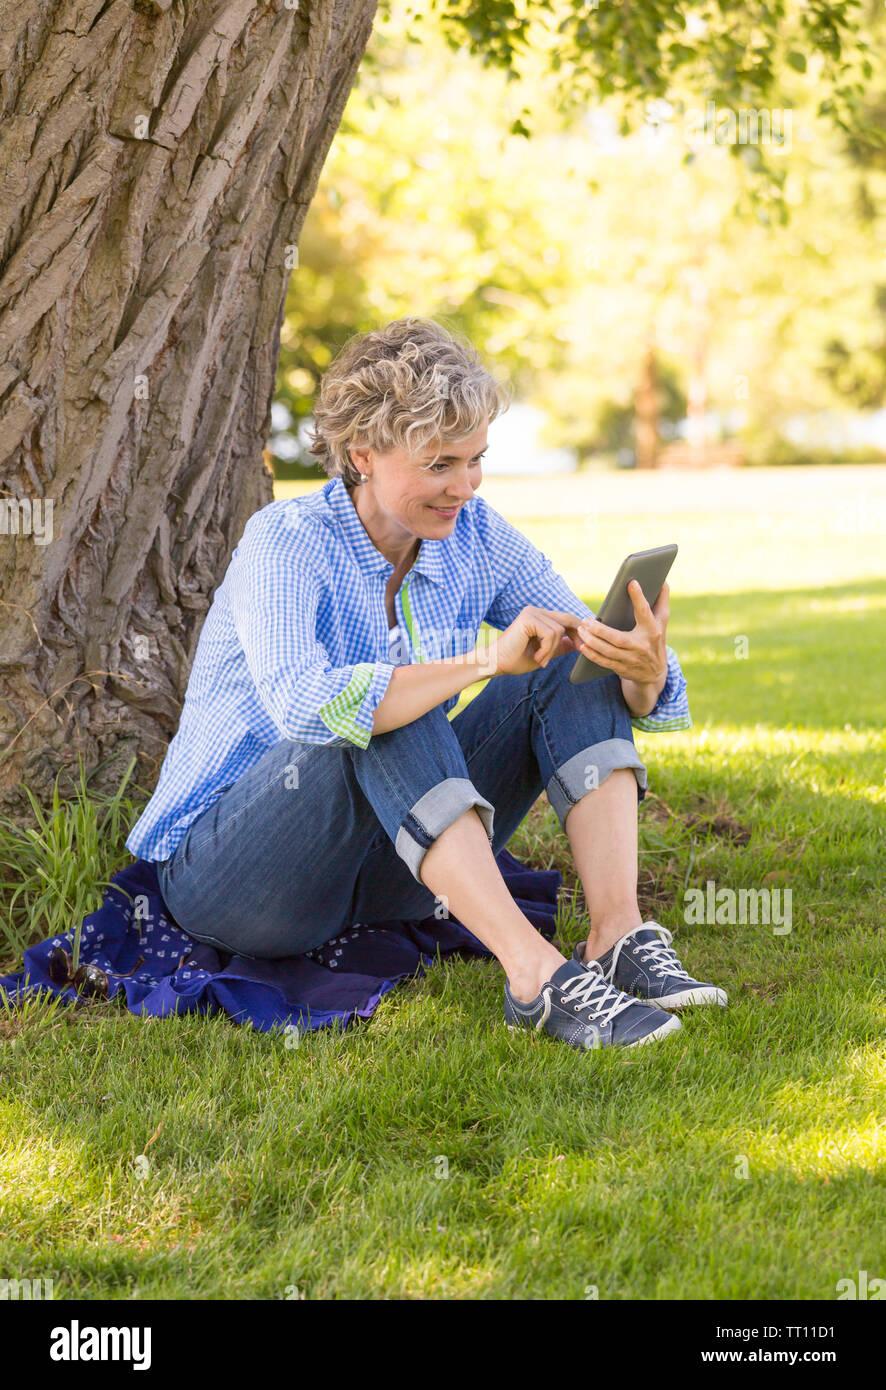 Heureux, souriant, middle aged woman using a digital tablet computer e-reader à l'extérieur dans un parc. Elle est en contact avec l'écran. Photo Stock